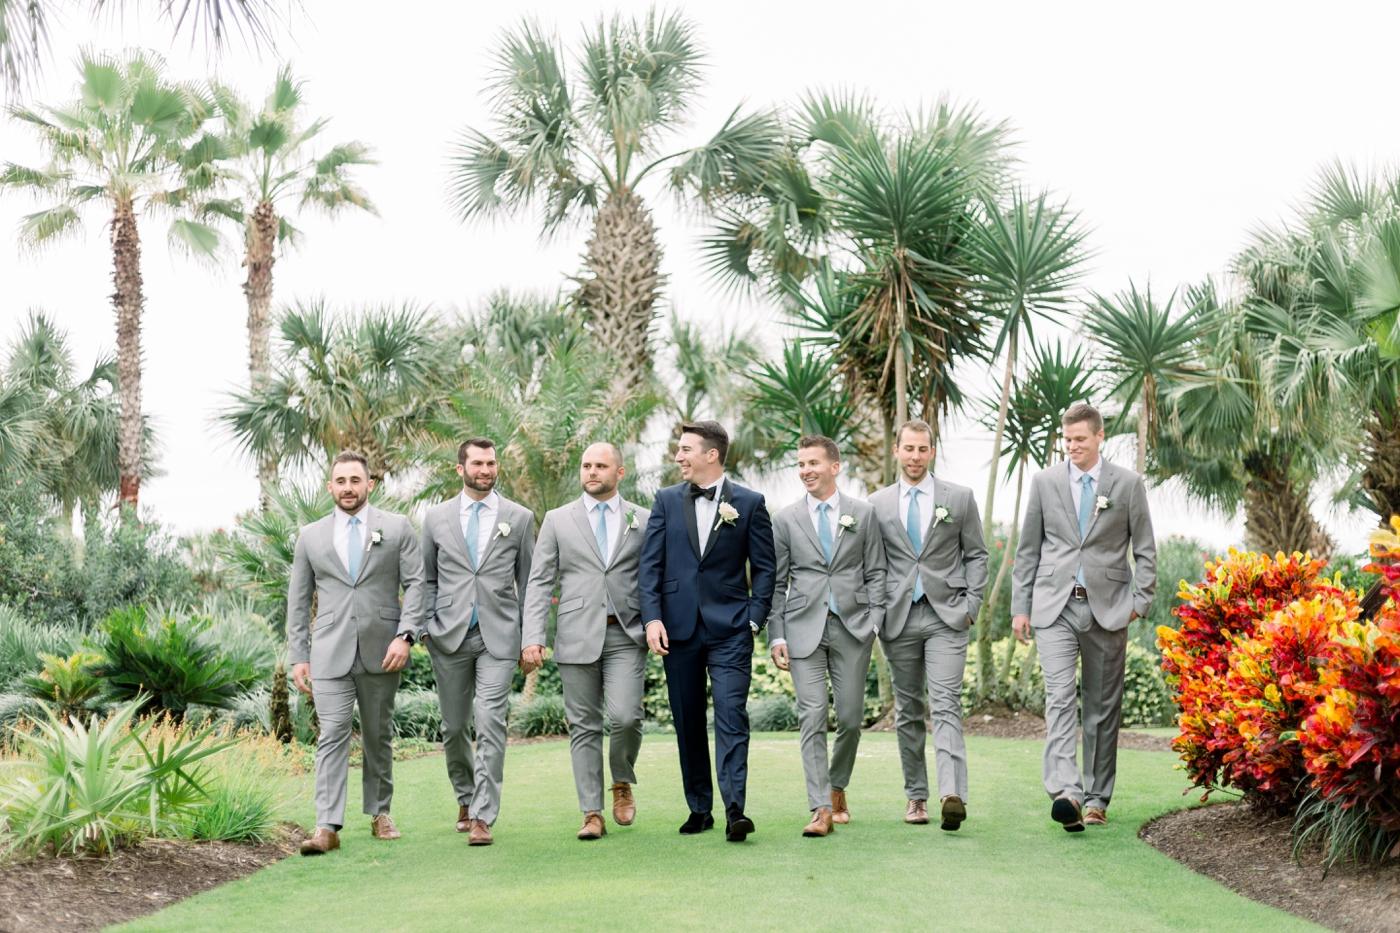 photographer wedding St <a class=